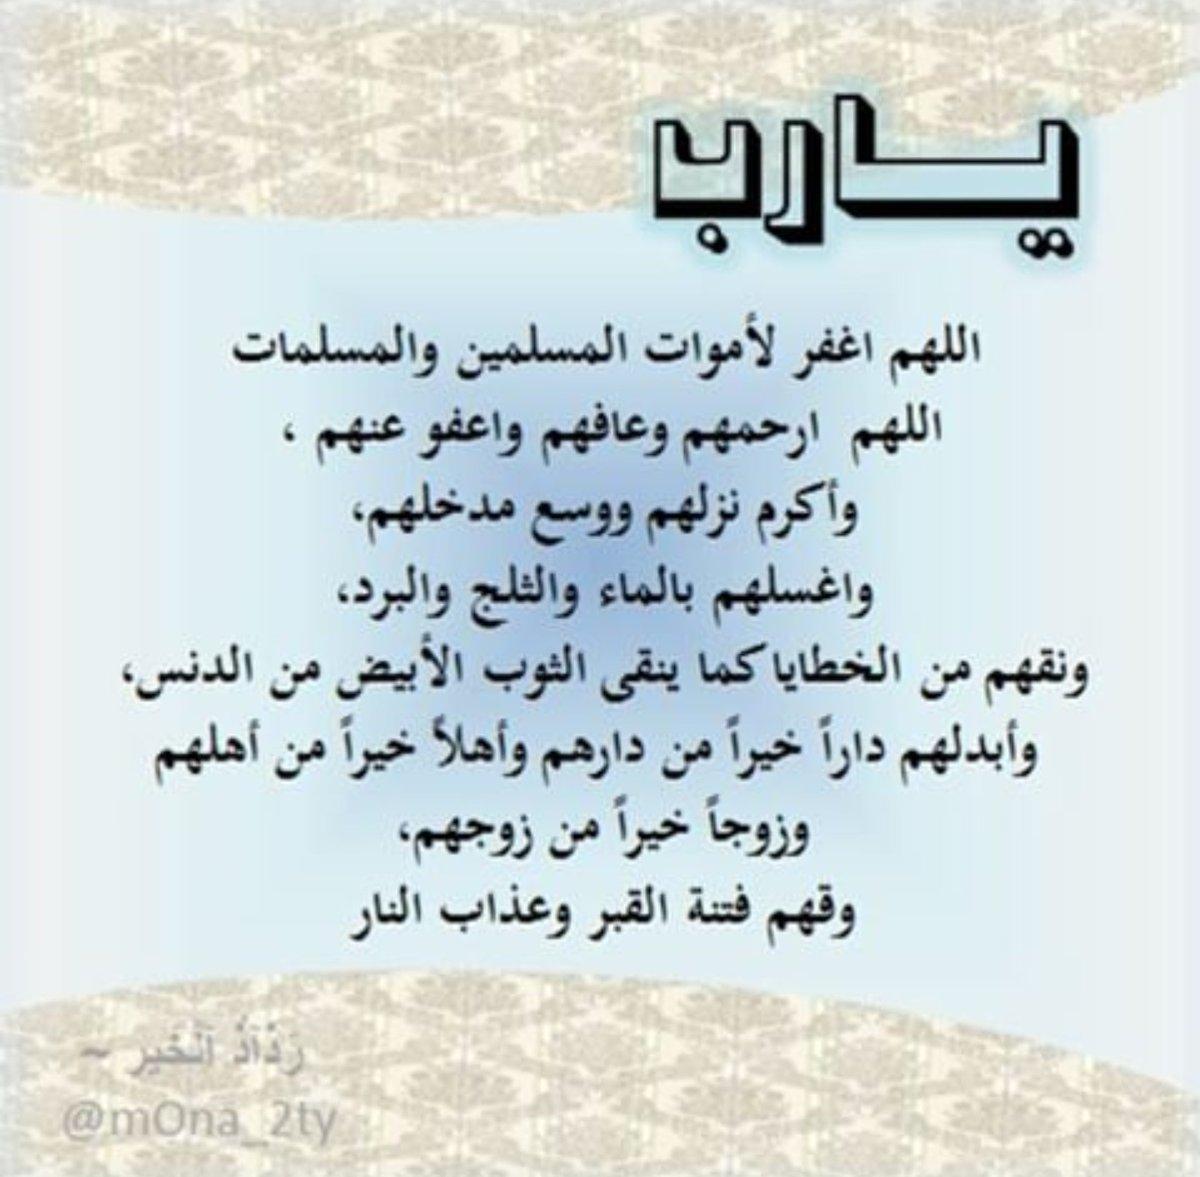 دعاء للميت في رمضان نادي العرب